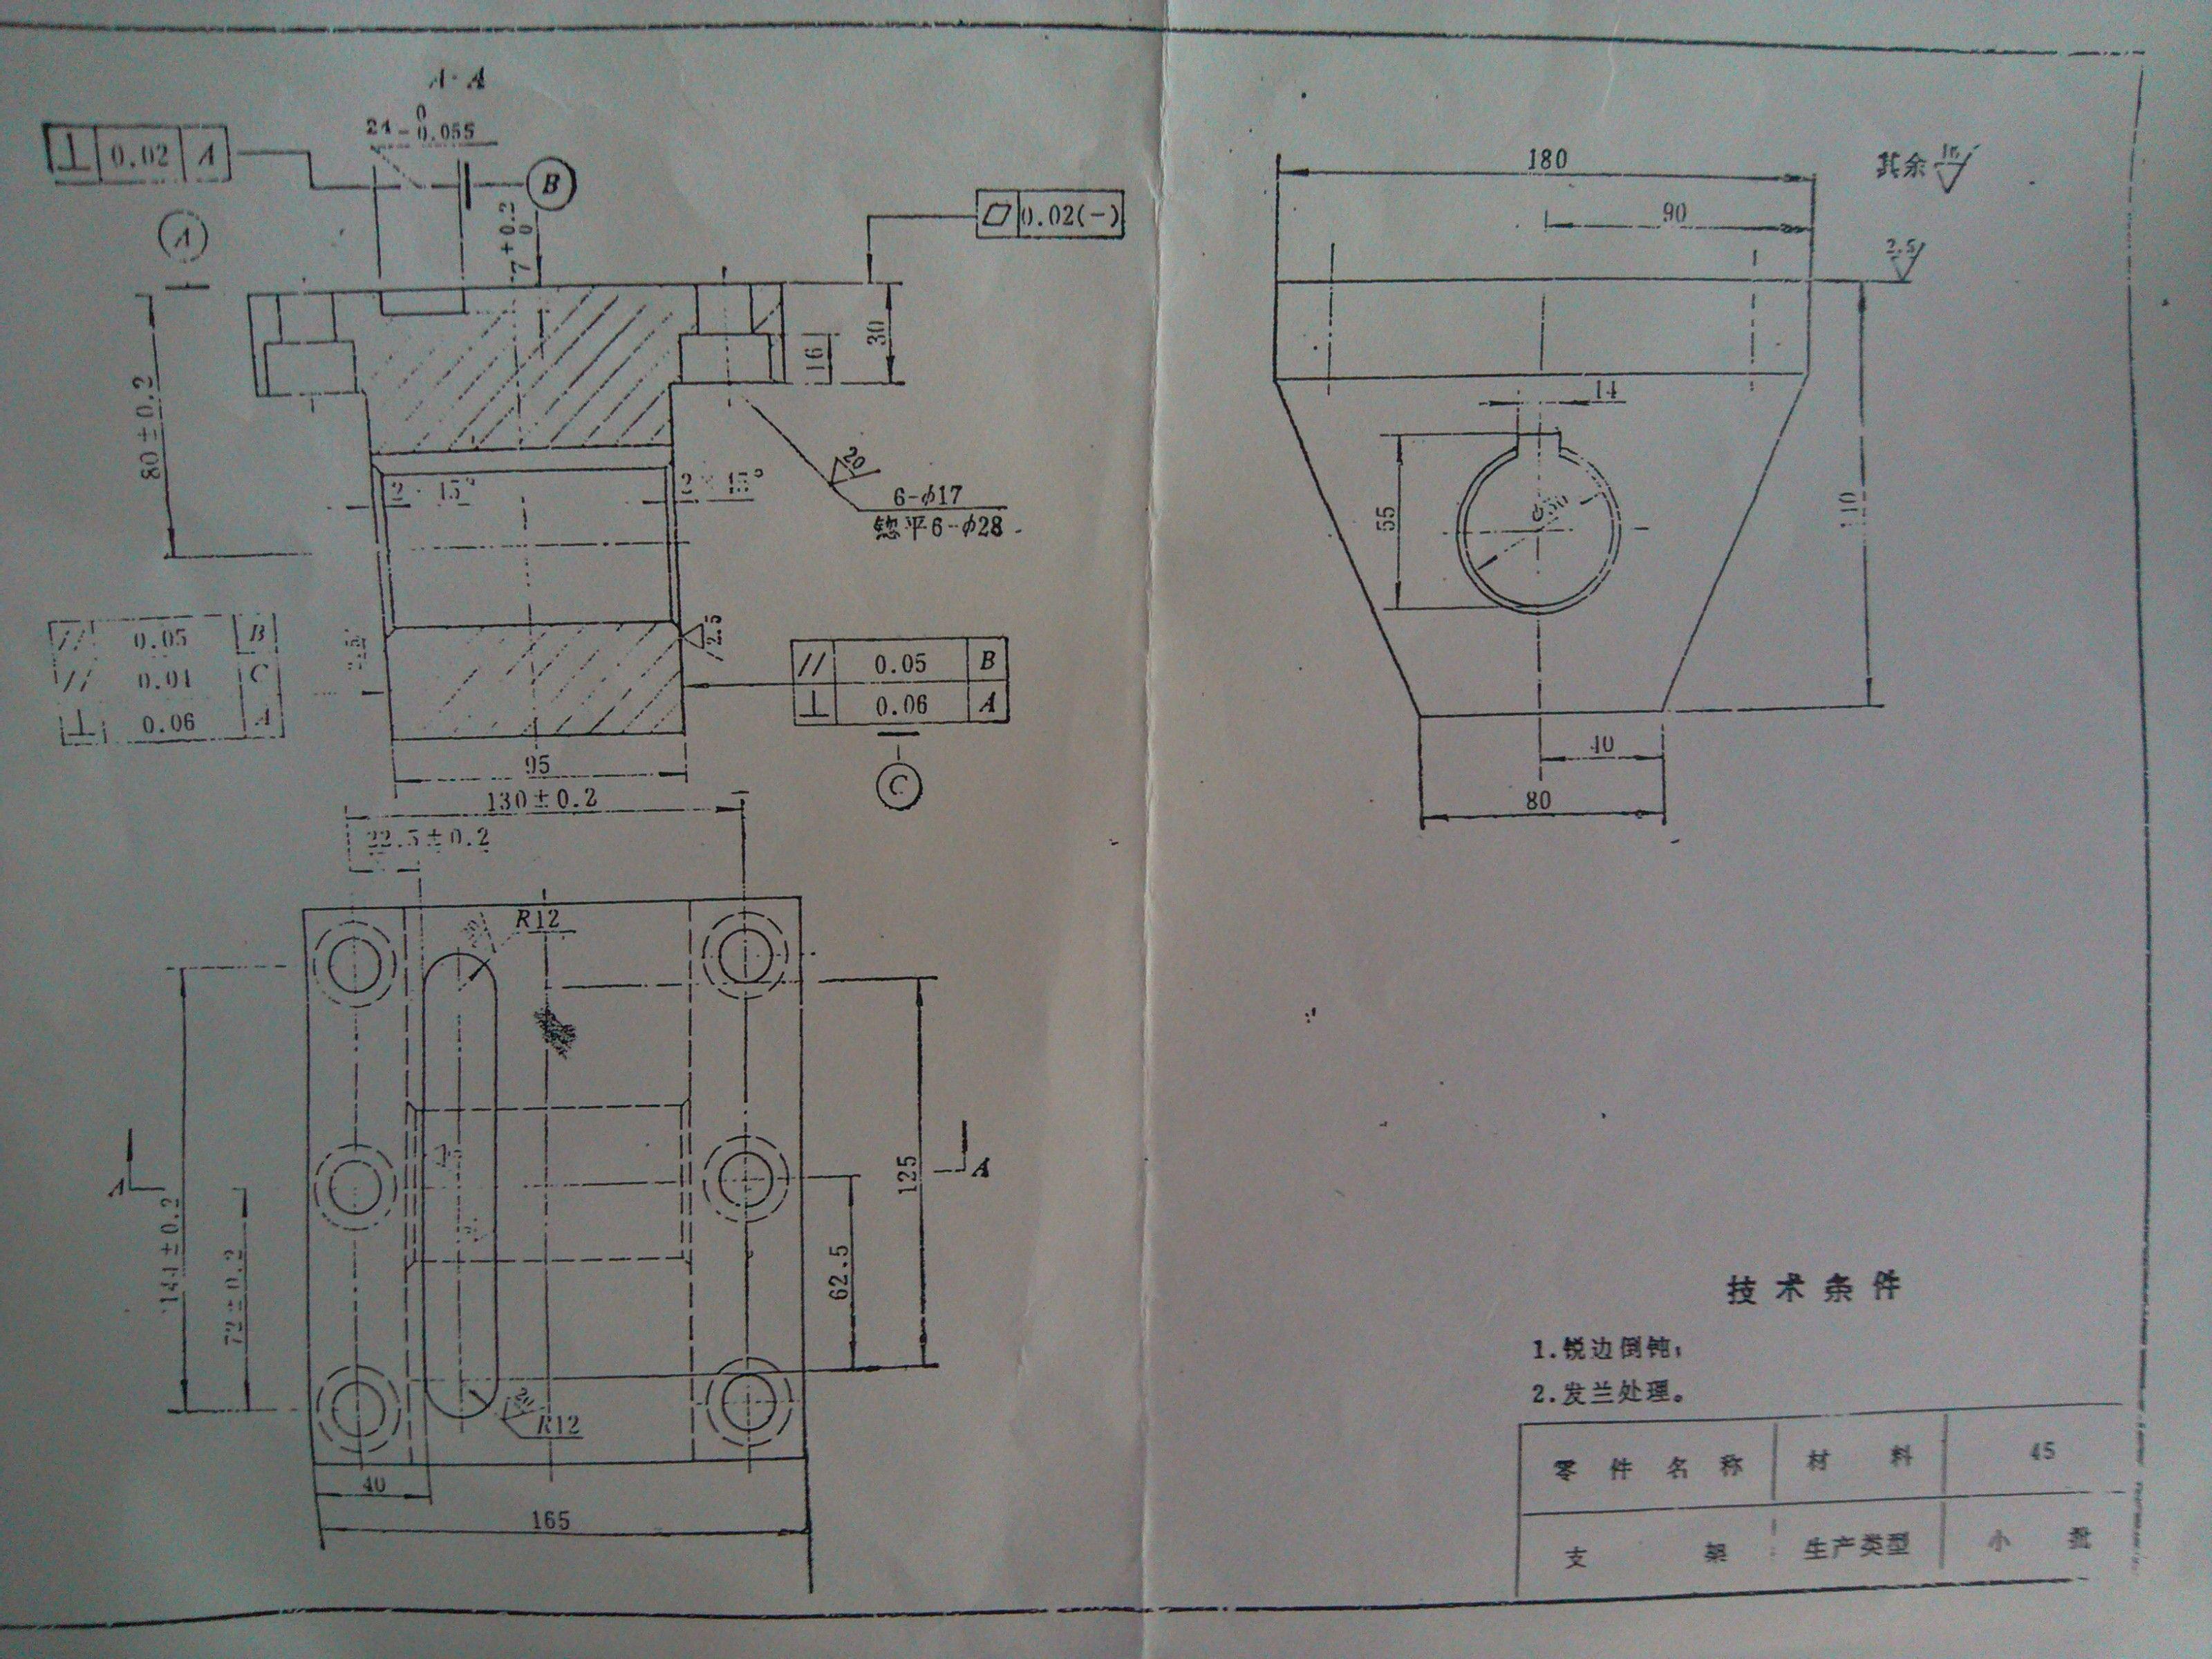 10 2011-06-23 求一份机械设计基础课程设计的图纸和配套说明书图片